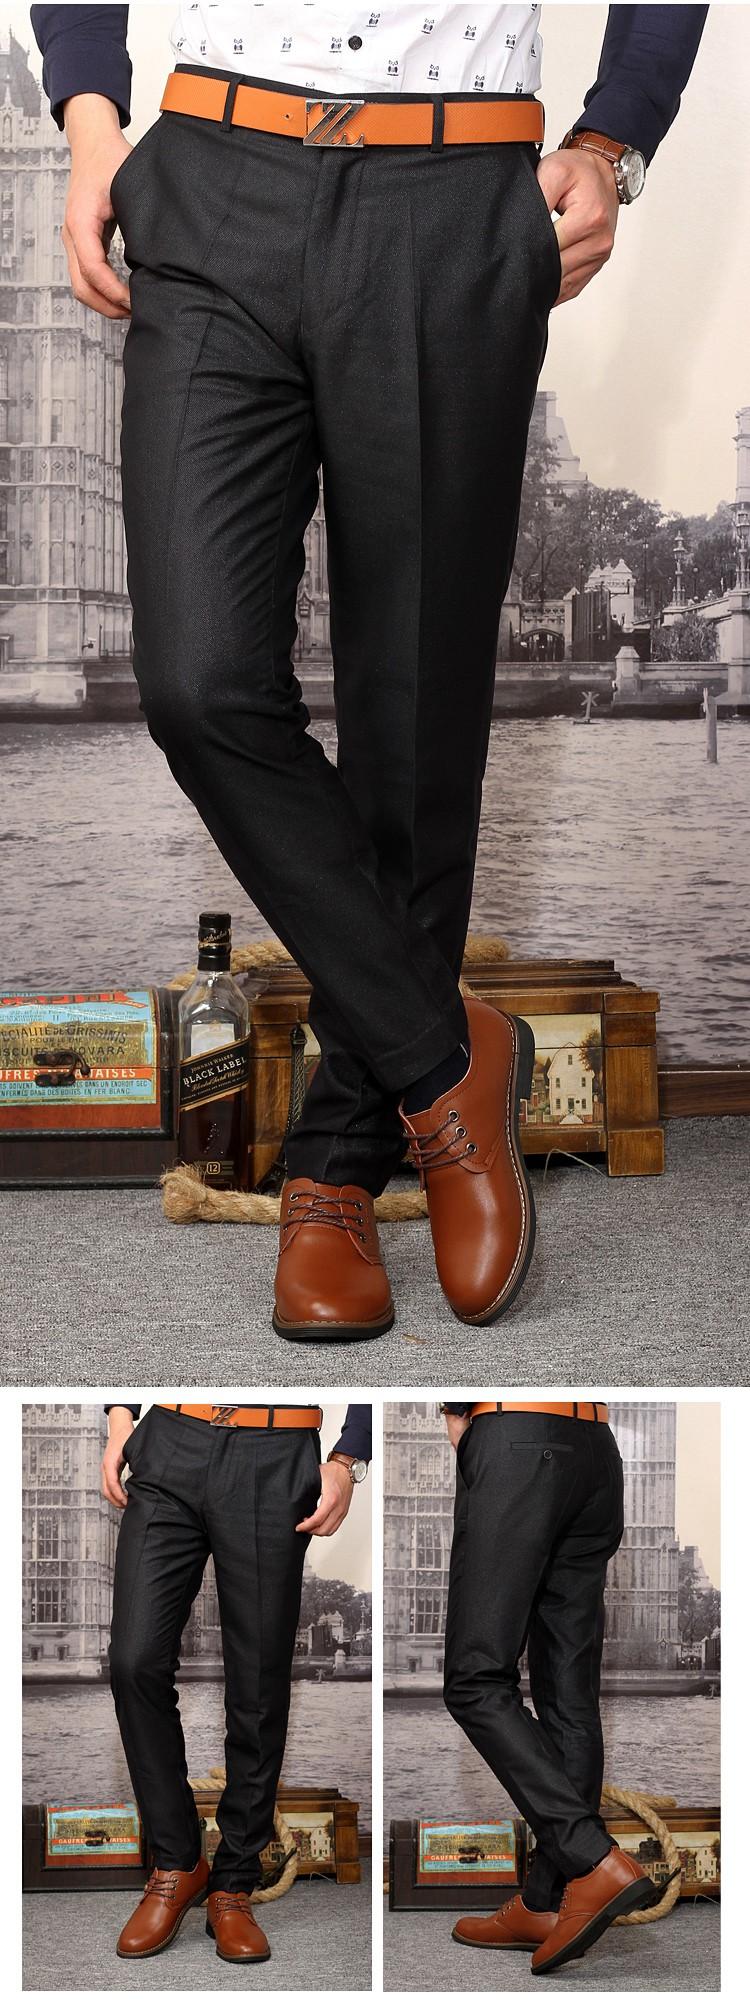 黑色皮鞋搭配牛仔图